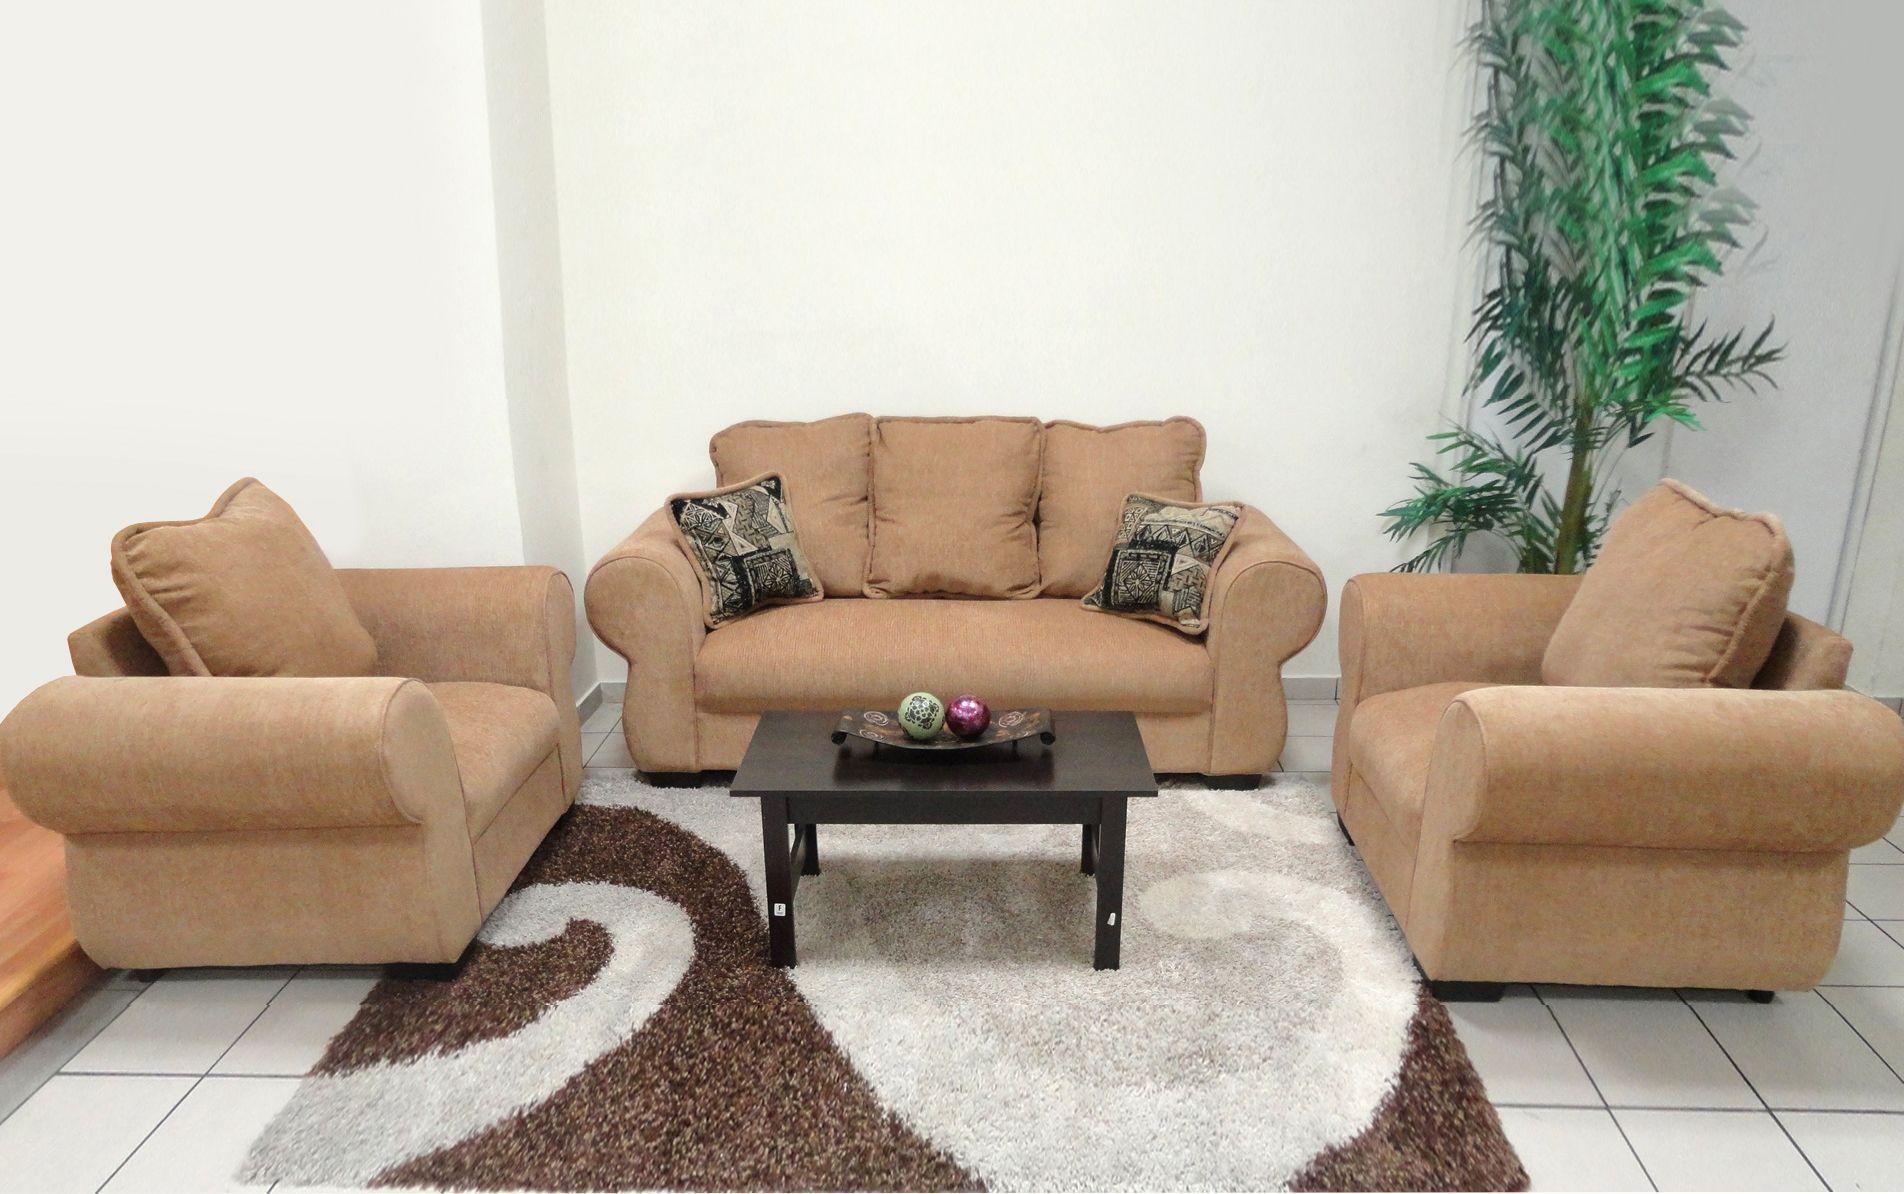 Juego De Sala Mod Blue Dorado Disponible También En Color Café Muebles Muebles Sala Muebles Para Casa